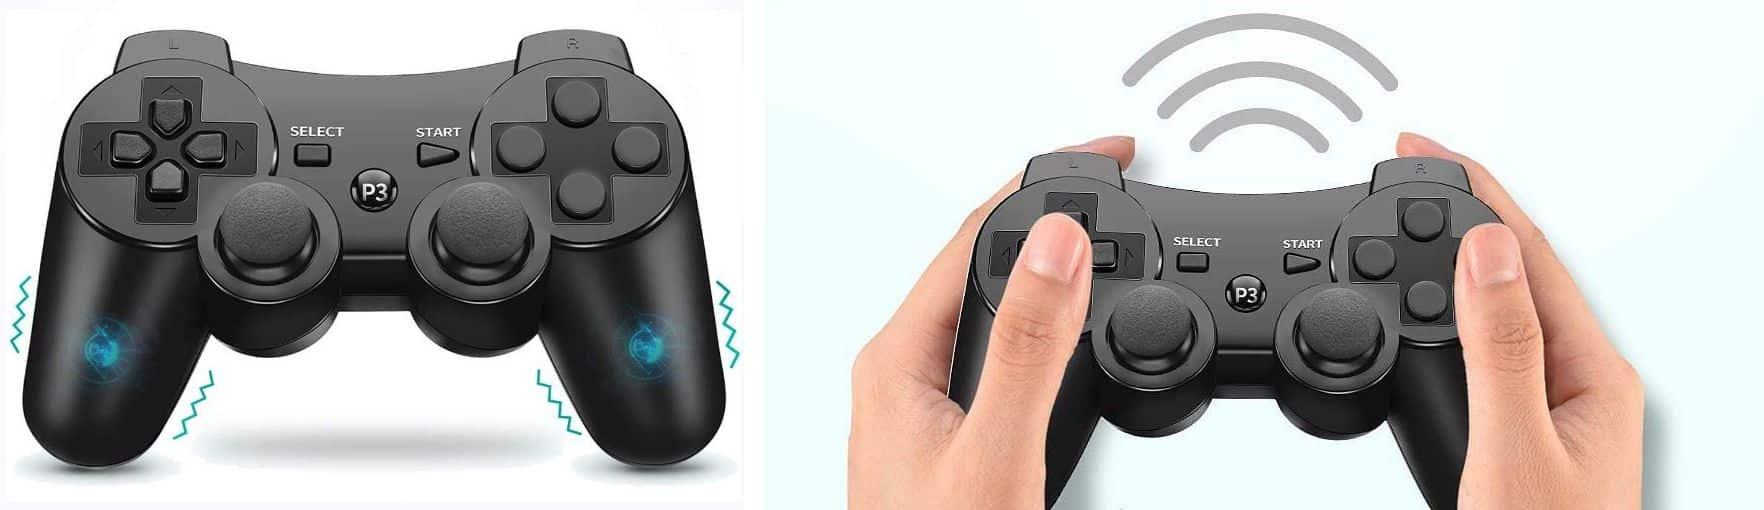 振動機能とモーションセンサーを搭載したPS3コントローラー